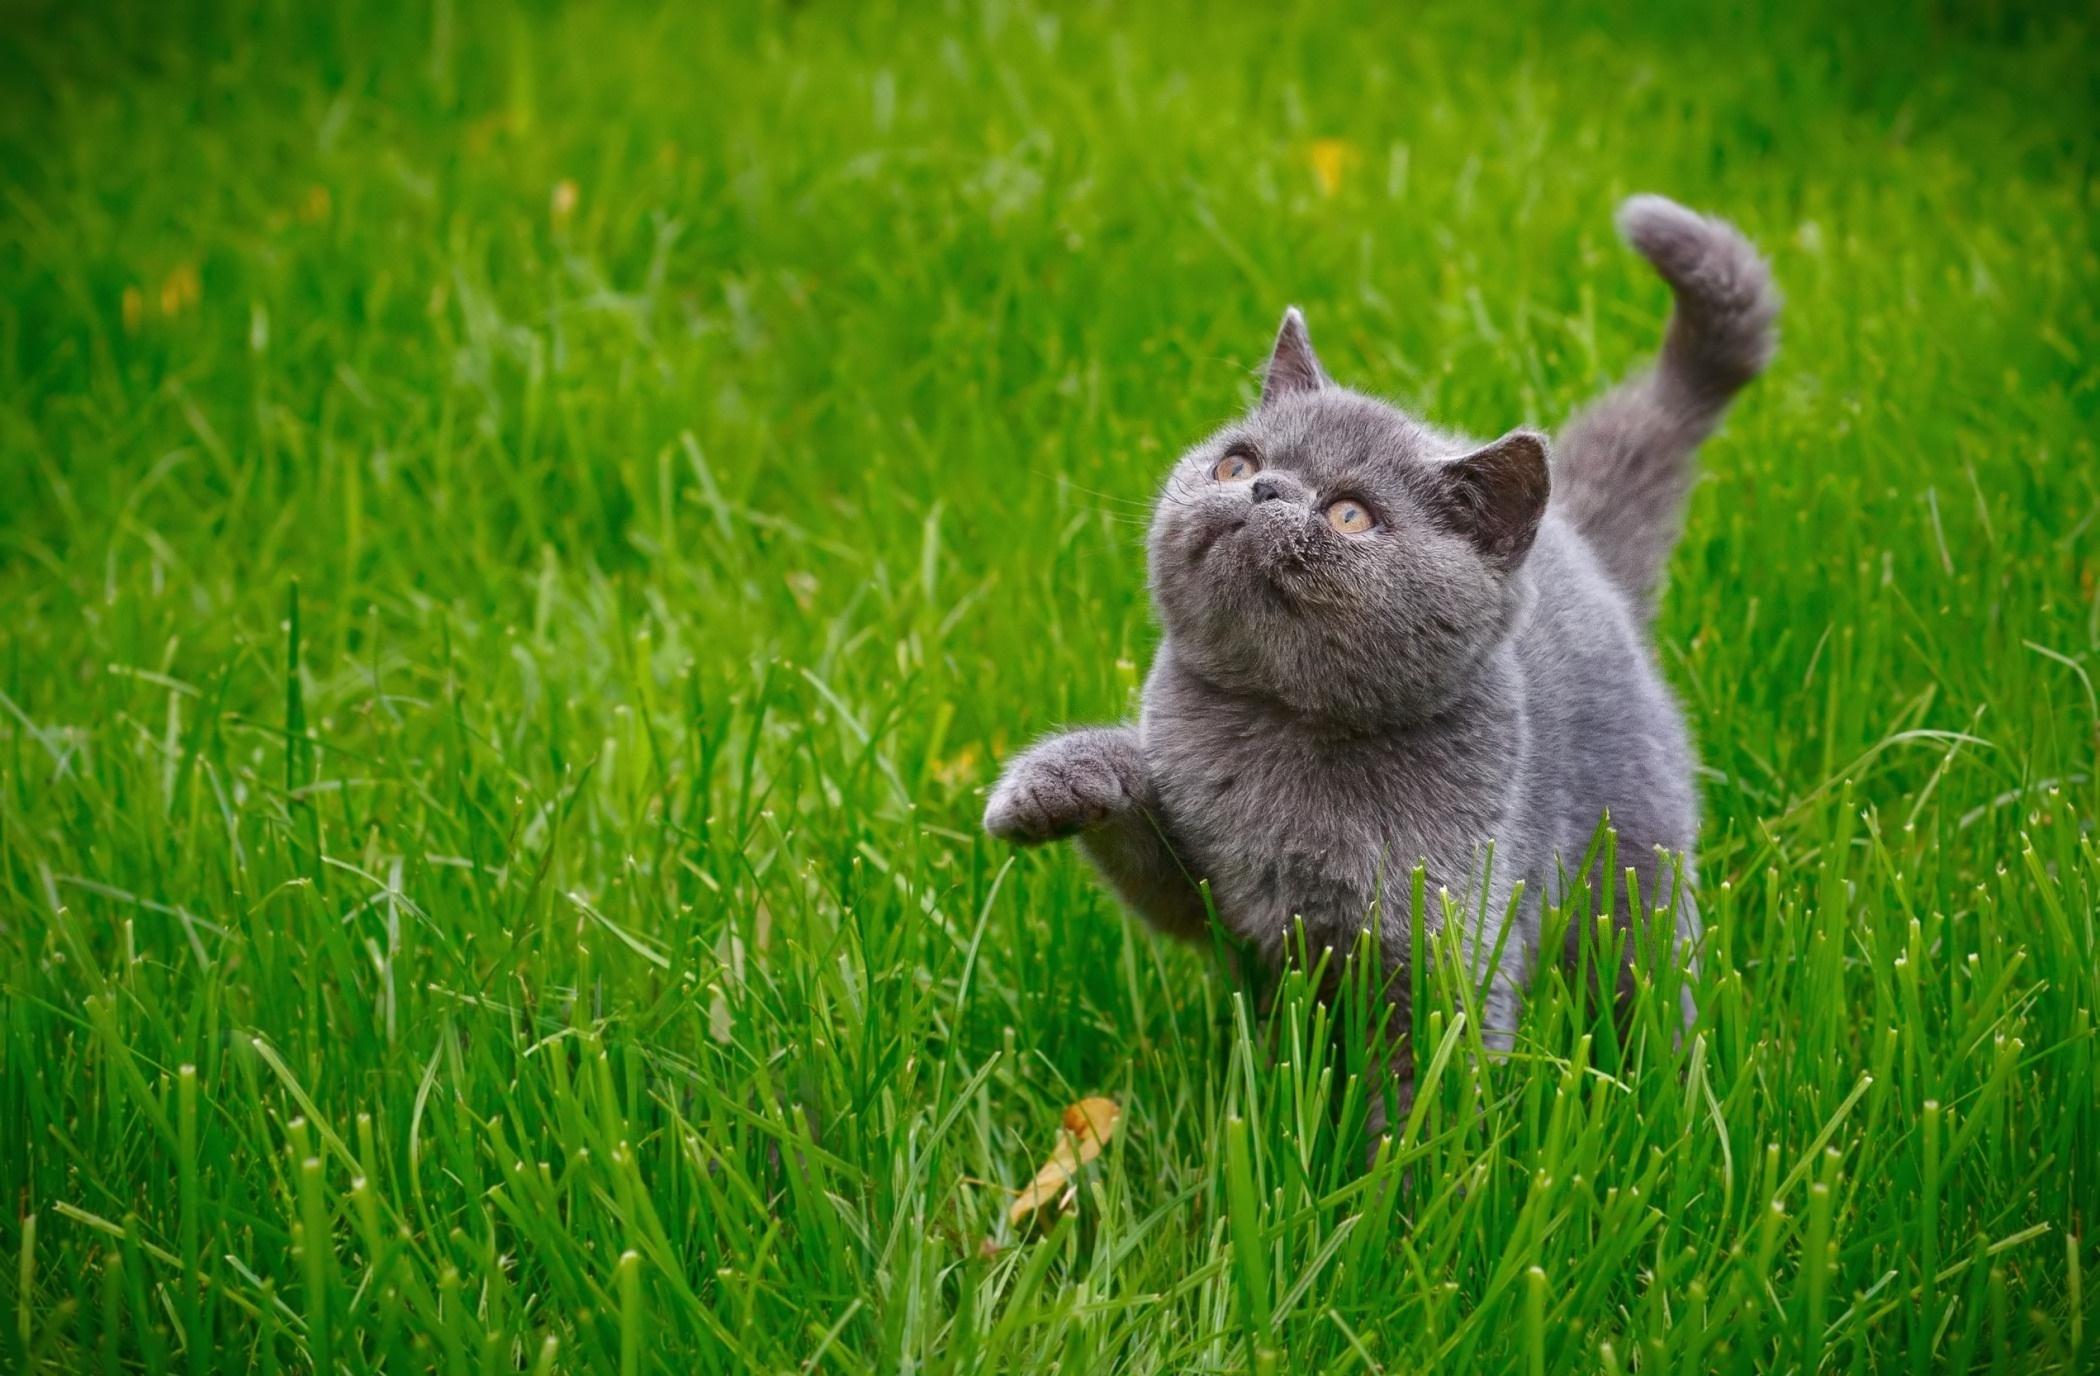 Котенок на траве  № 2959631 без смс